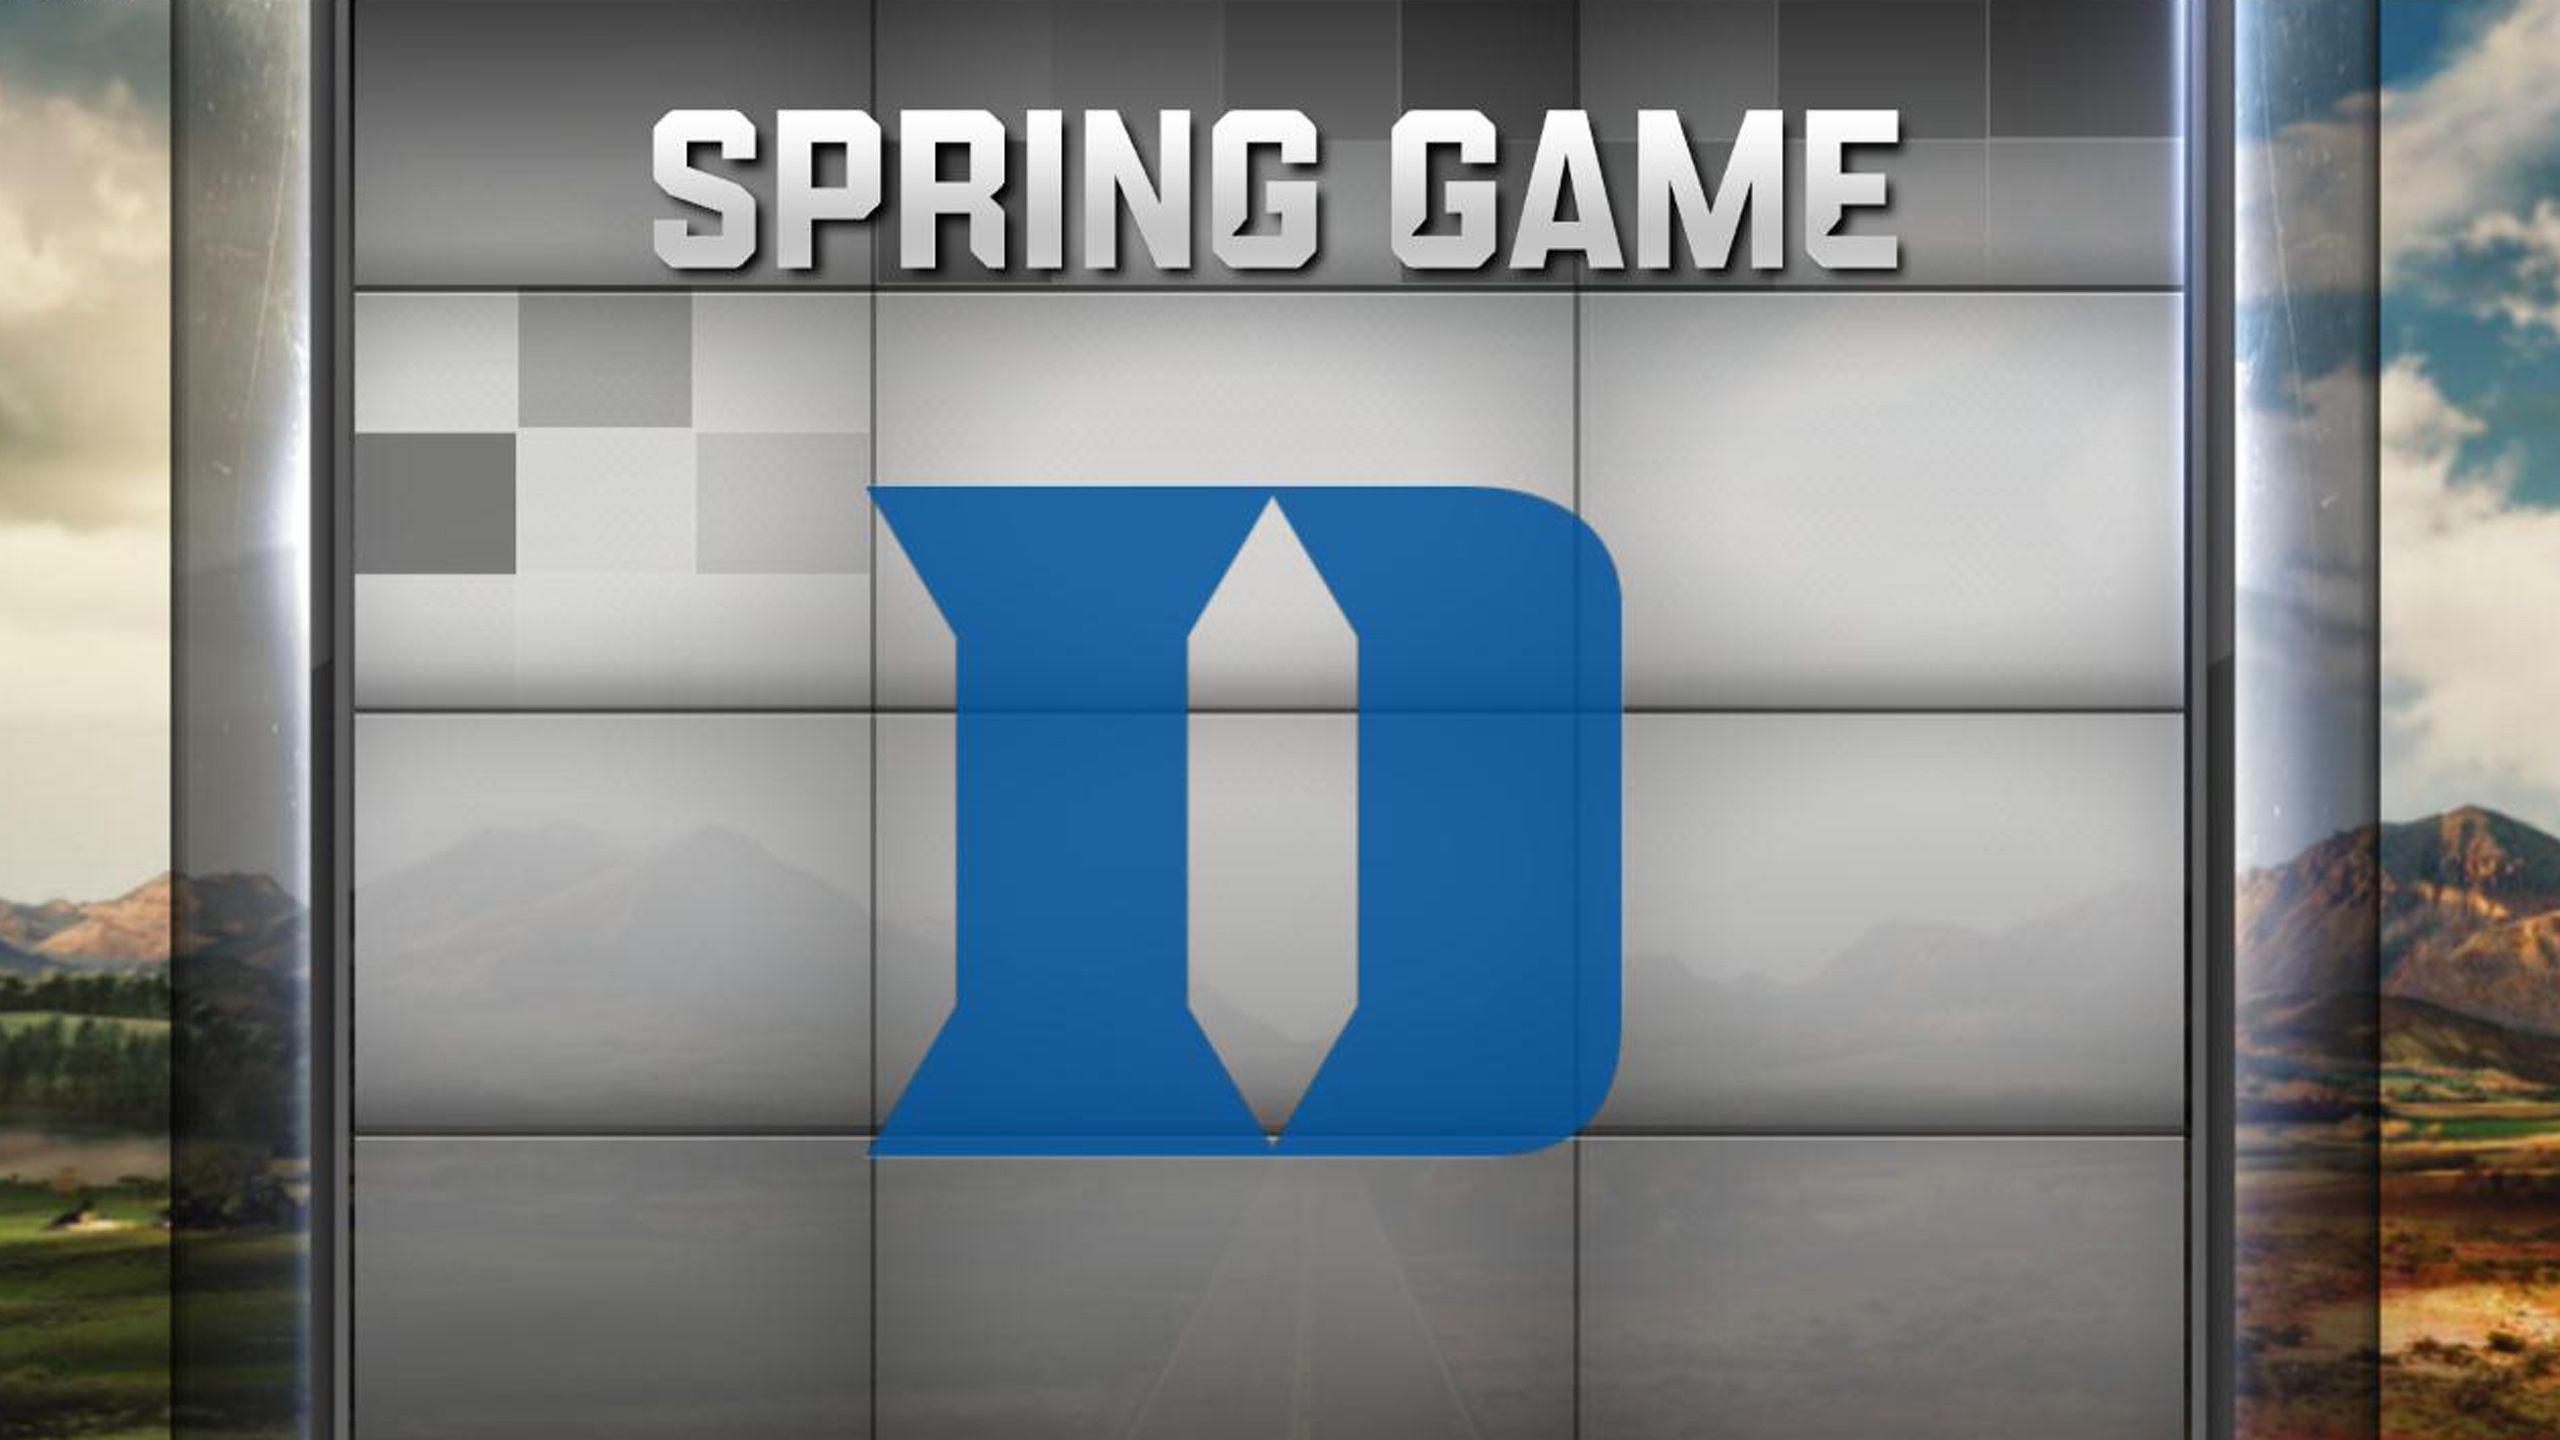 Duke Spring Football Game